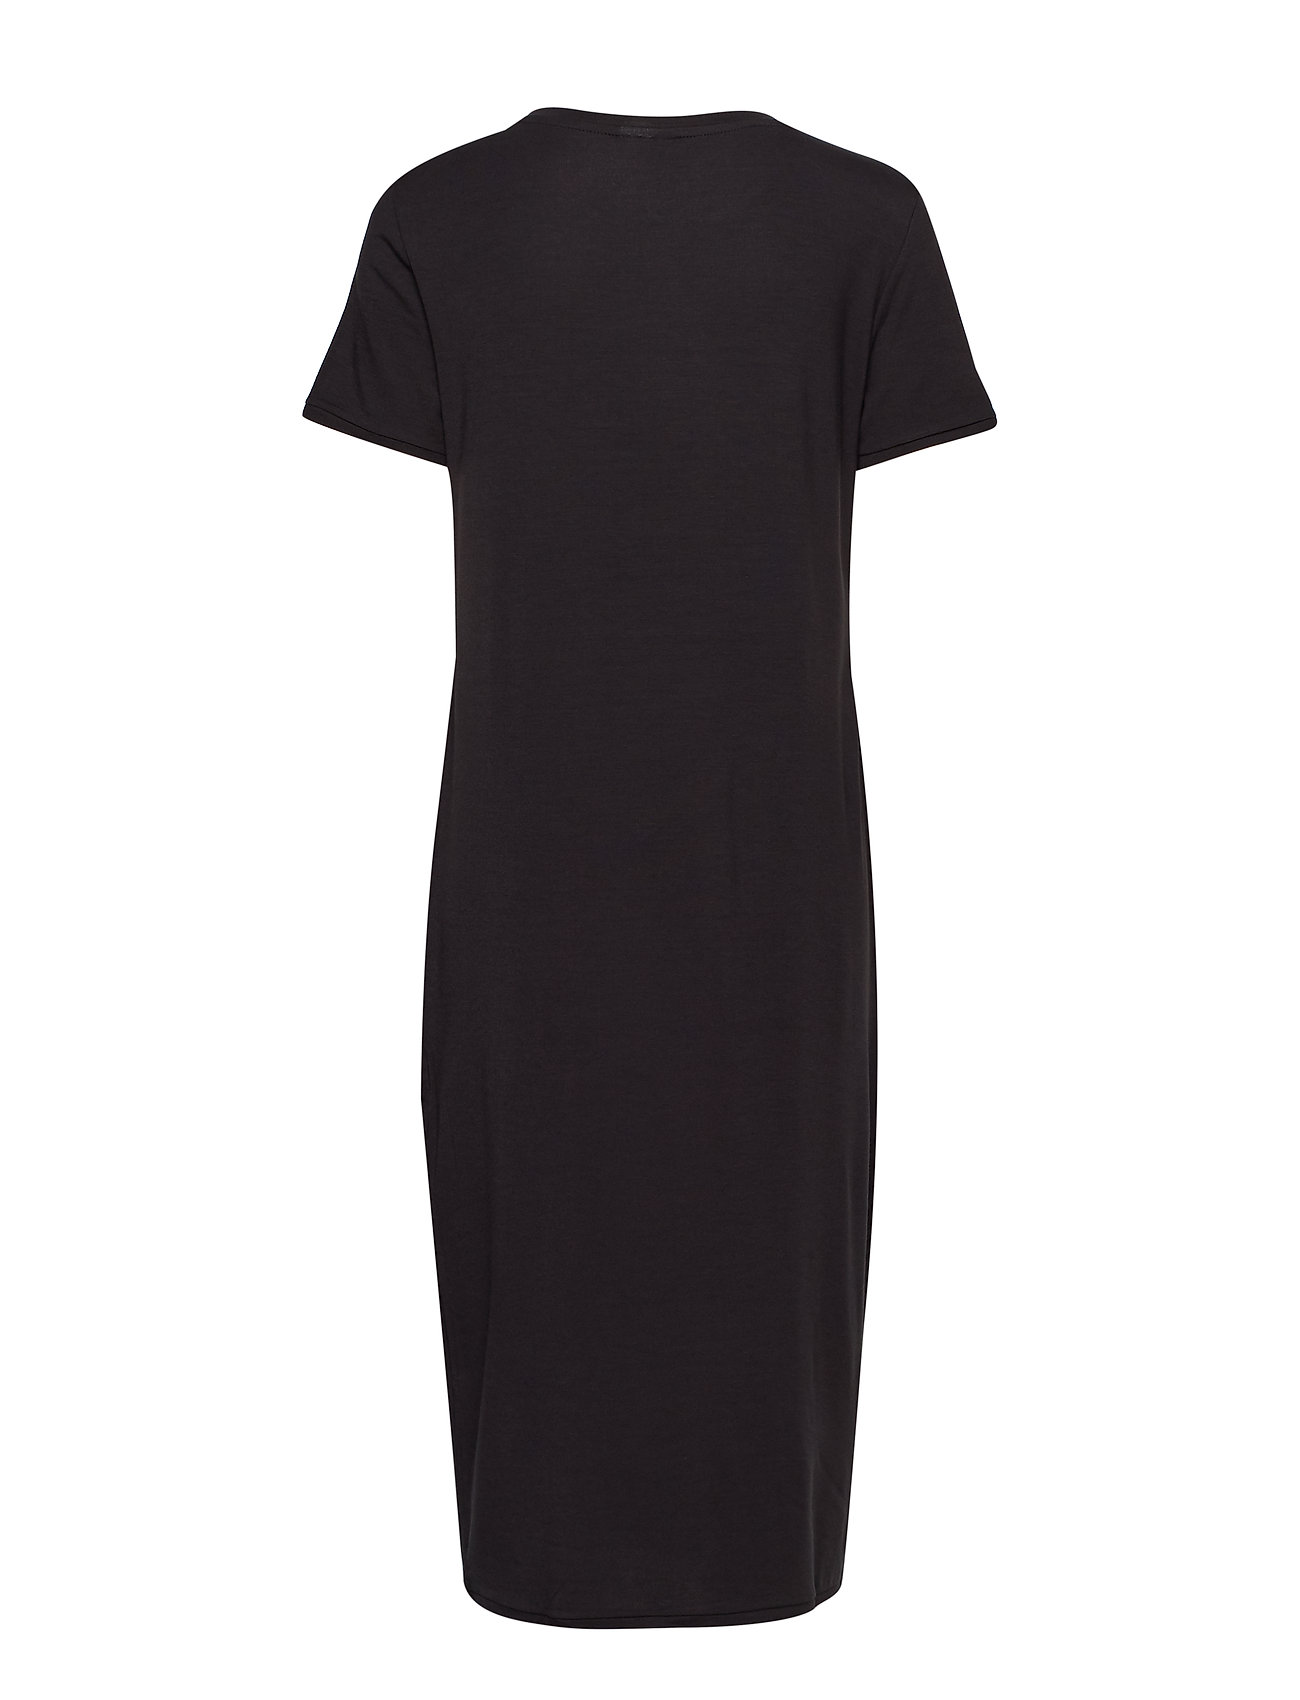 Vero Moda - VMGAVA SS DRESS VMA - midiklänningar - black - 1